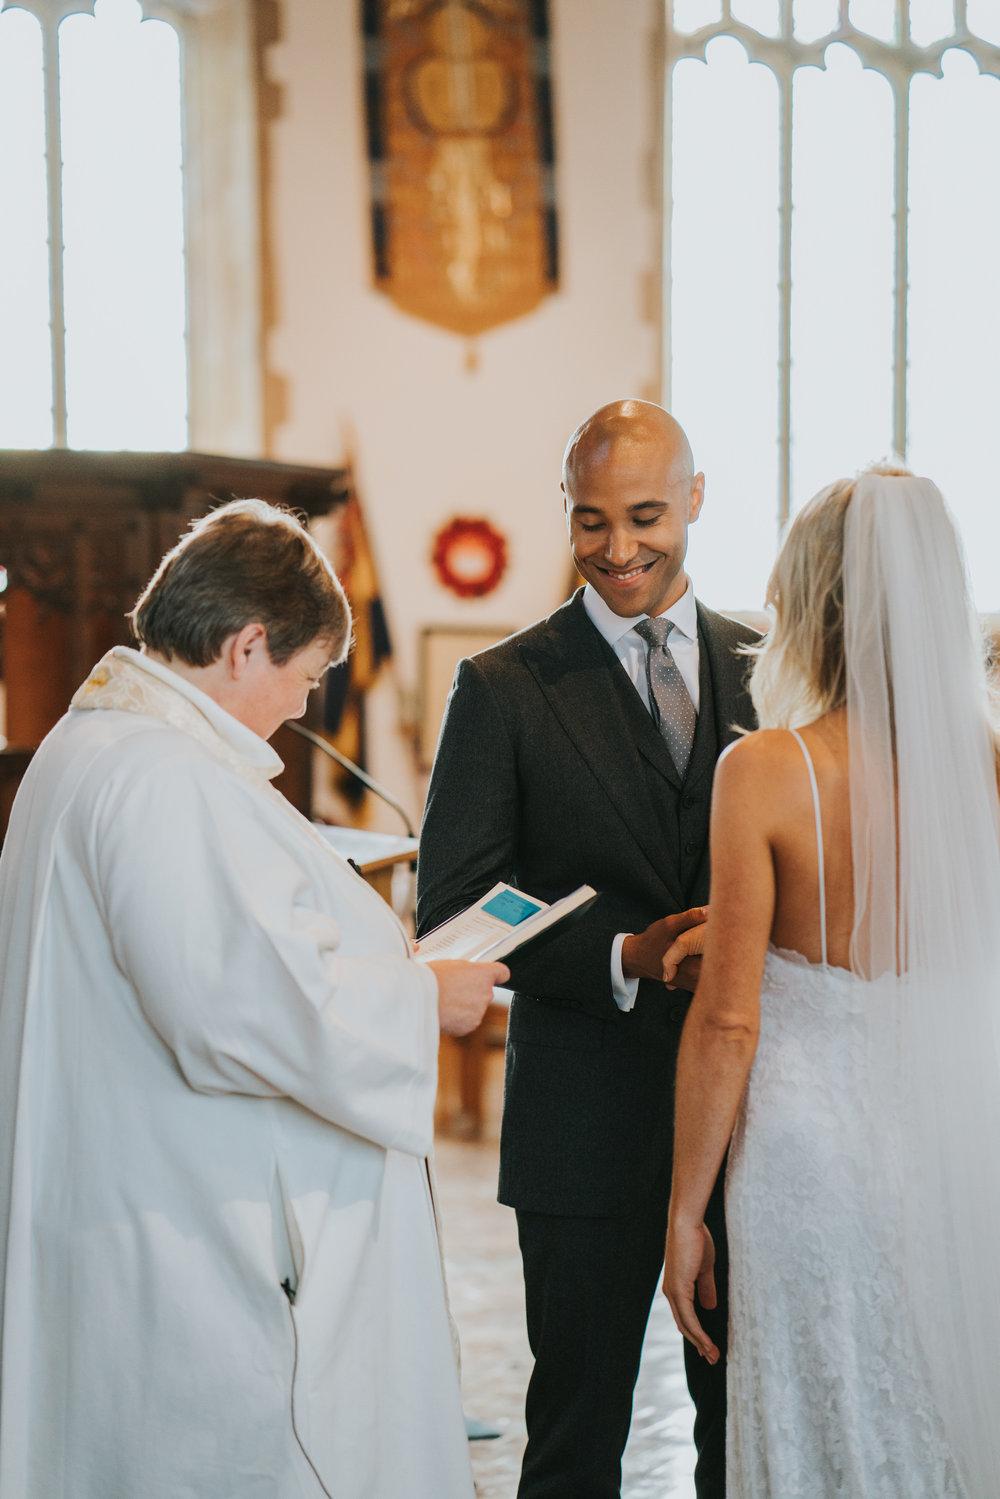 intimate-english-church-wedding-sarah-alex-colchester-essex-grace-elizabeth-colchester-essex-alternative-wedding-lifestyle-photographer-essex-suffolk-norfolk-devon (45 of 92).jpg